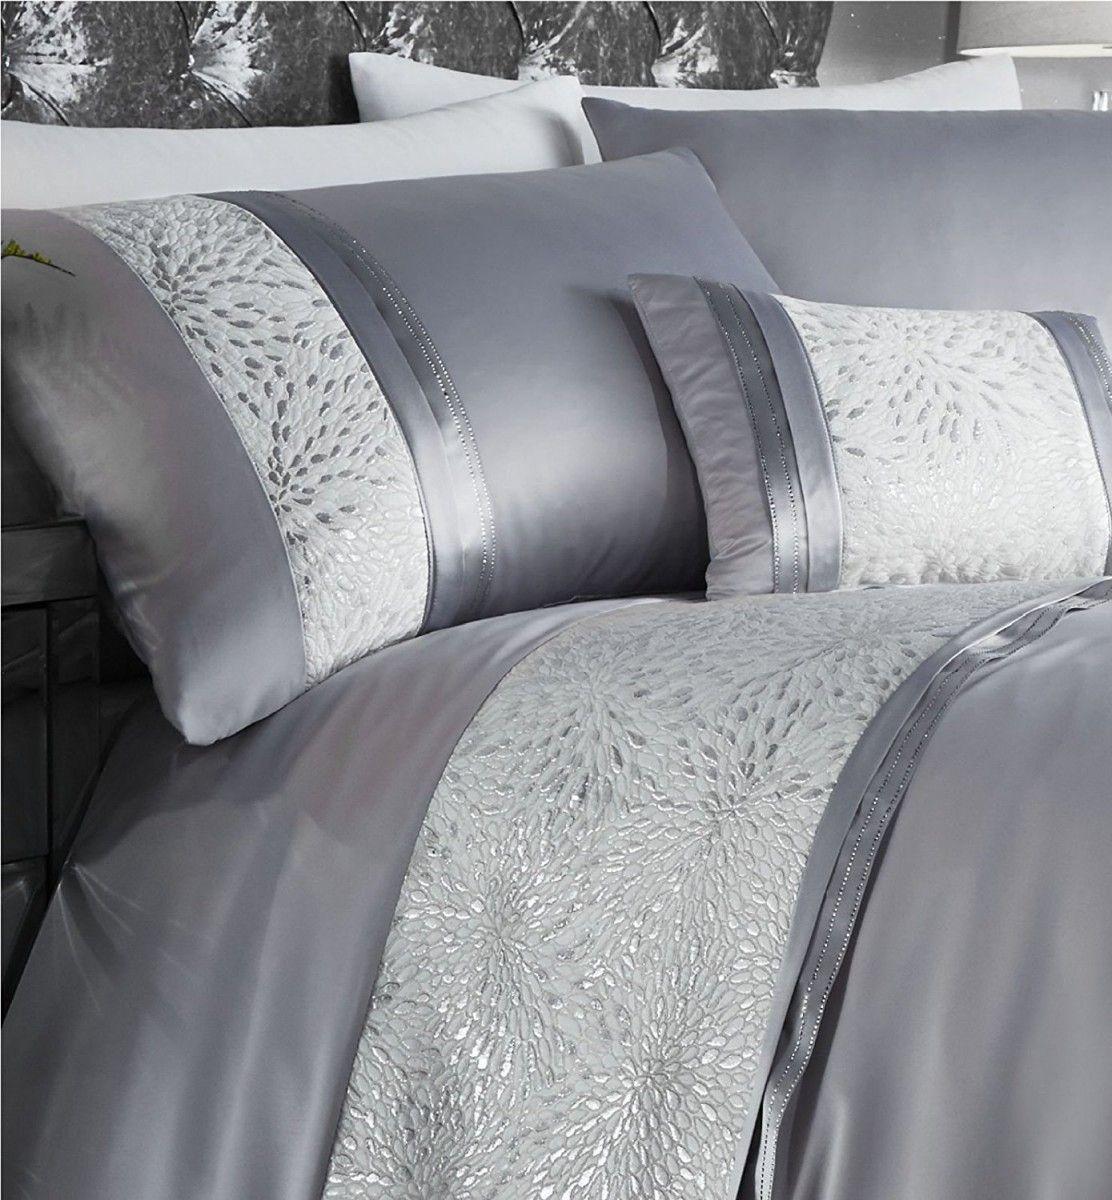 Housse De Couette Petales Gris Argent 135 X 200 Cm 1 Taies Dormitorios Camas Ropa De Cama